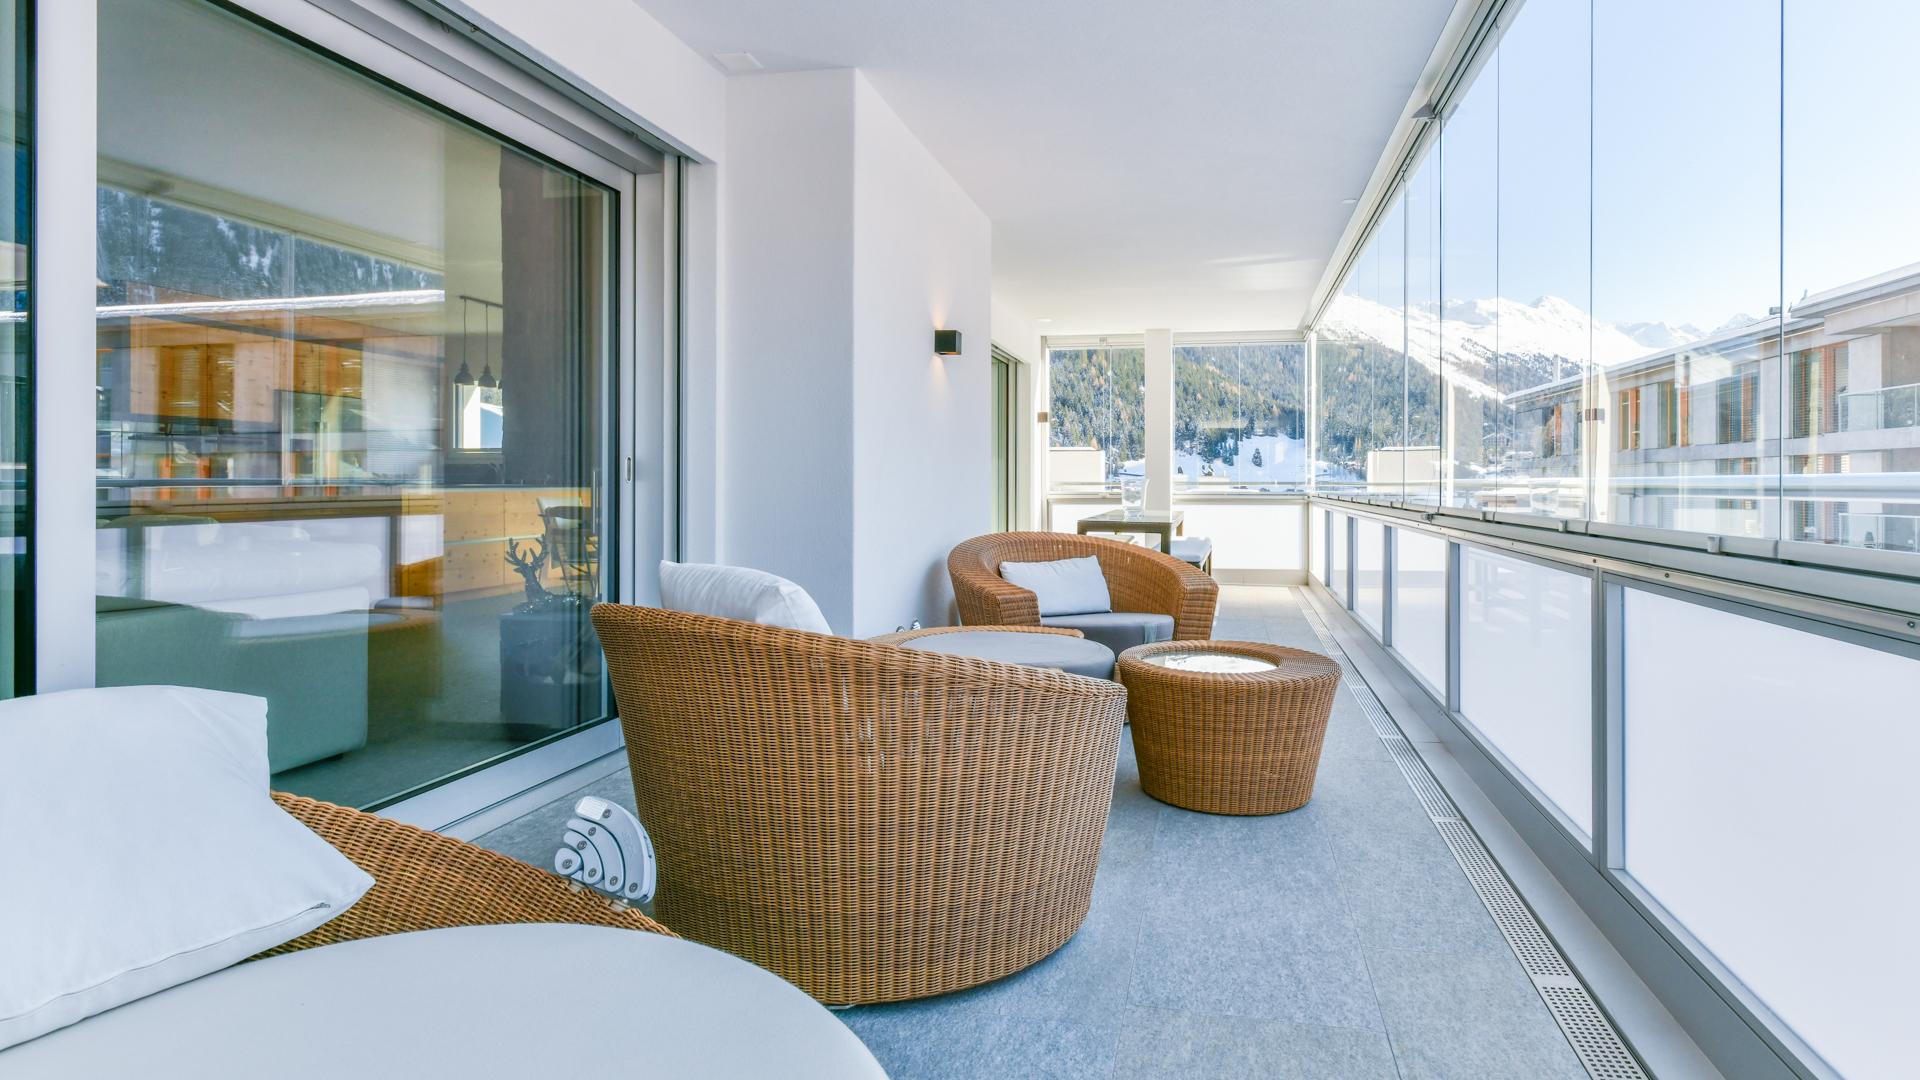 Insgesamt 81 m² Terrassenfläche als Rückzugs- oder Gemeinschaftsort.